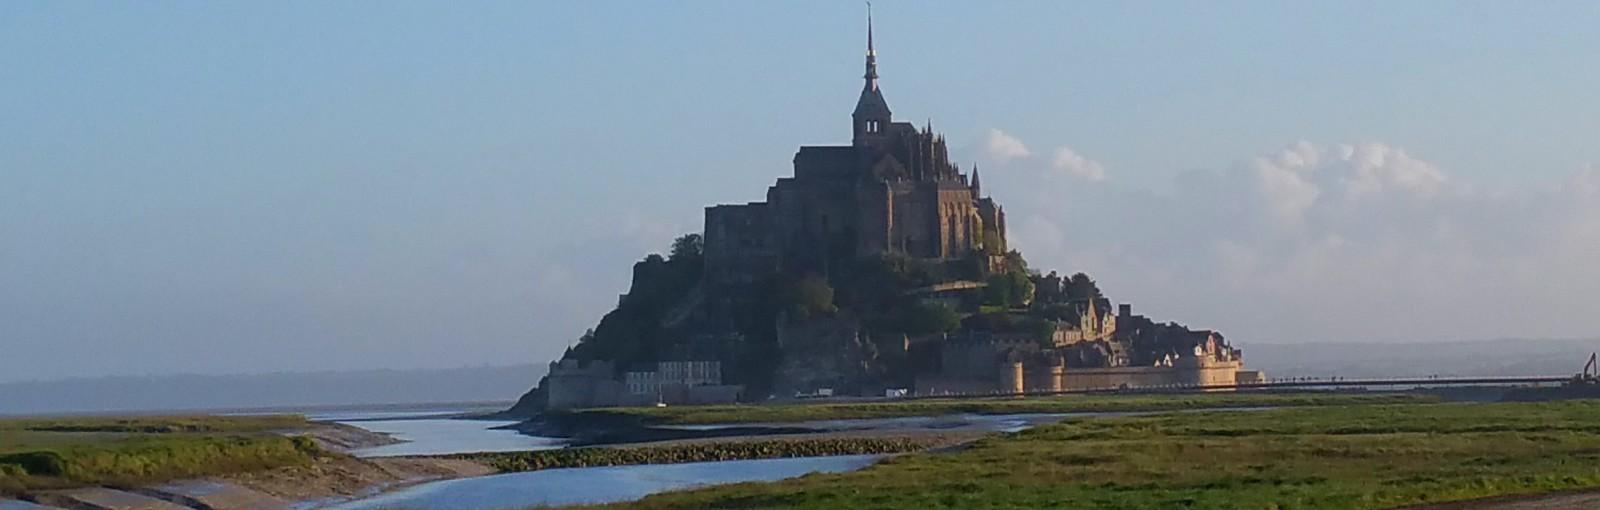 Tours Viaje con una noche en la isla del Mont-Saint-Michel y una caminata por la bahía - Bretaña - Circuitos desde Paris